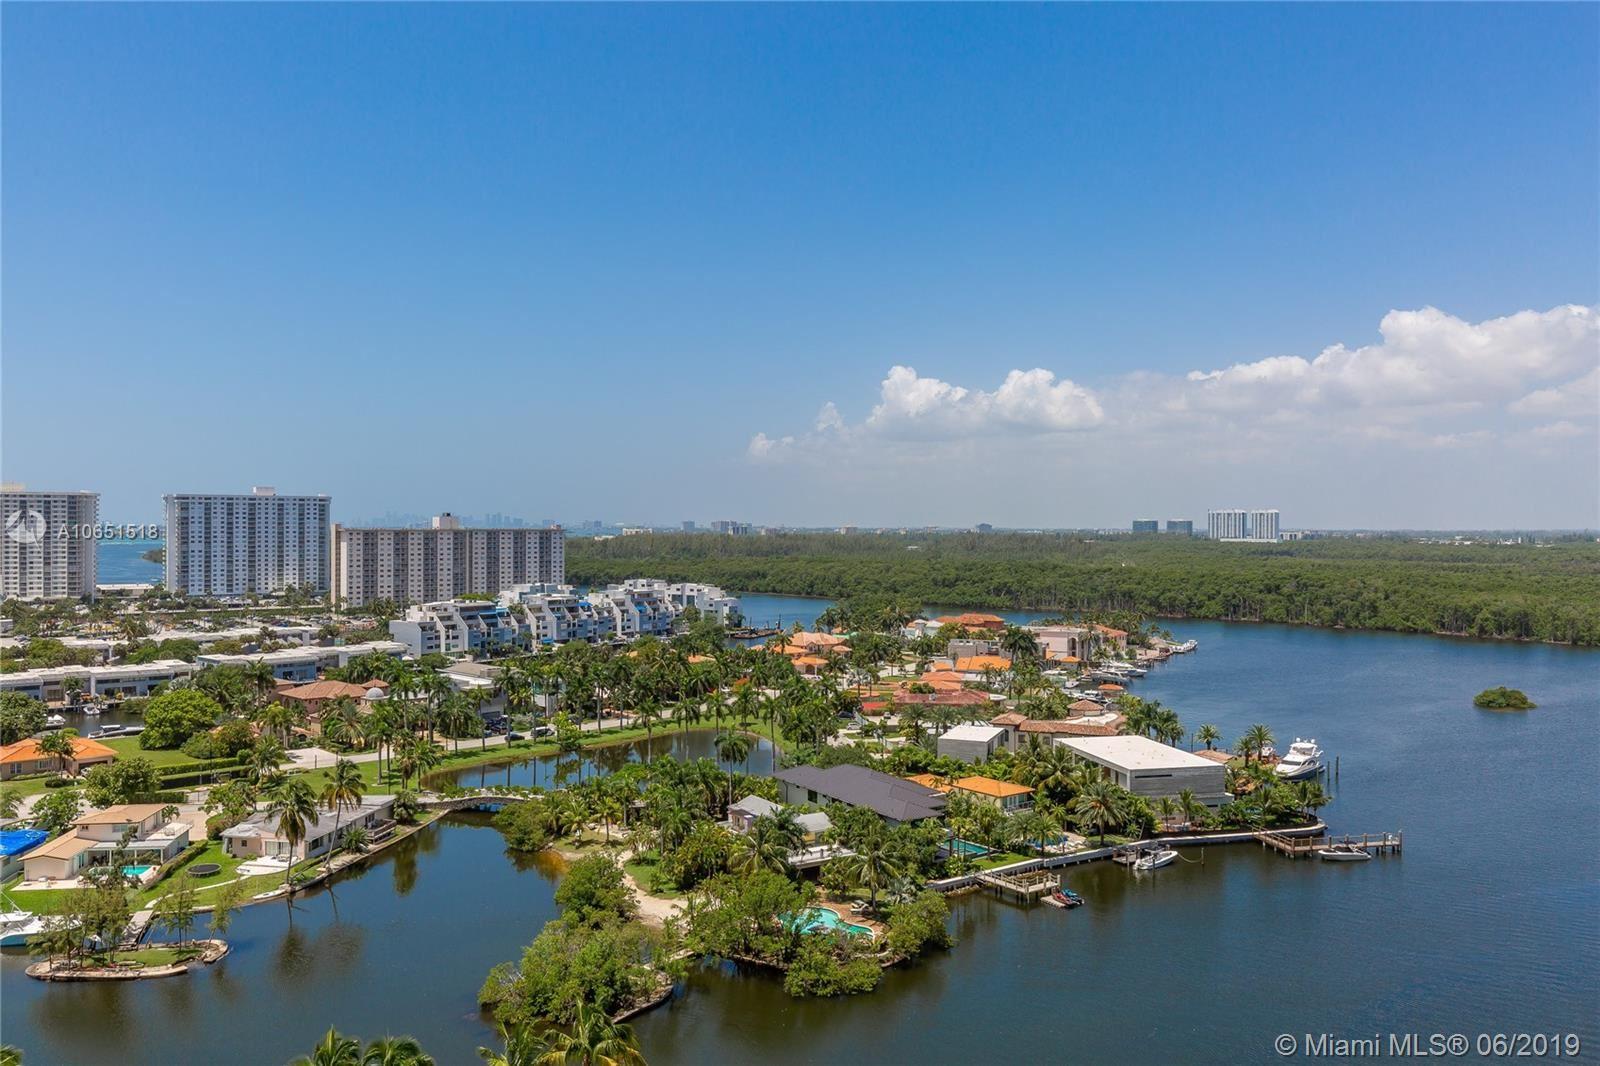 300 Sunny Isles Blvd #1606, Sunny Isles, FL 33160 - #: A10651518